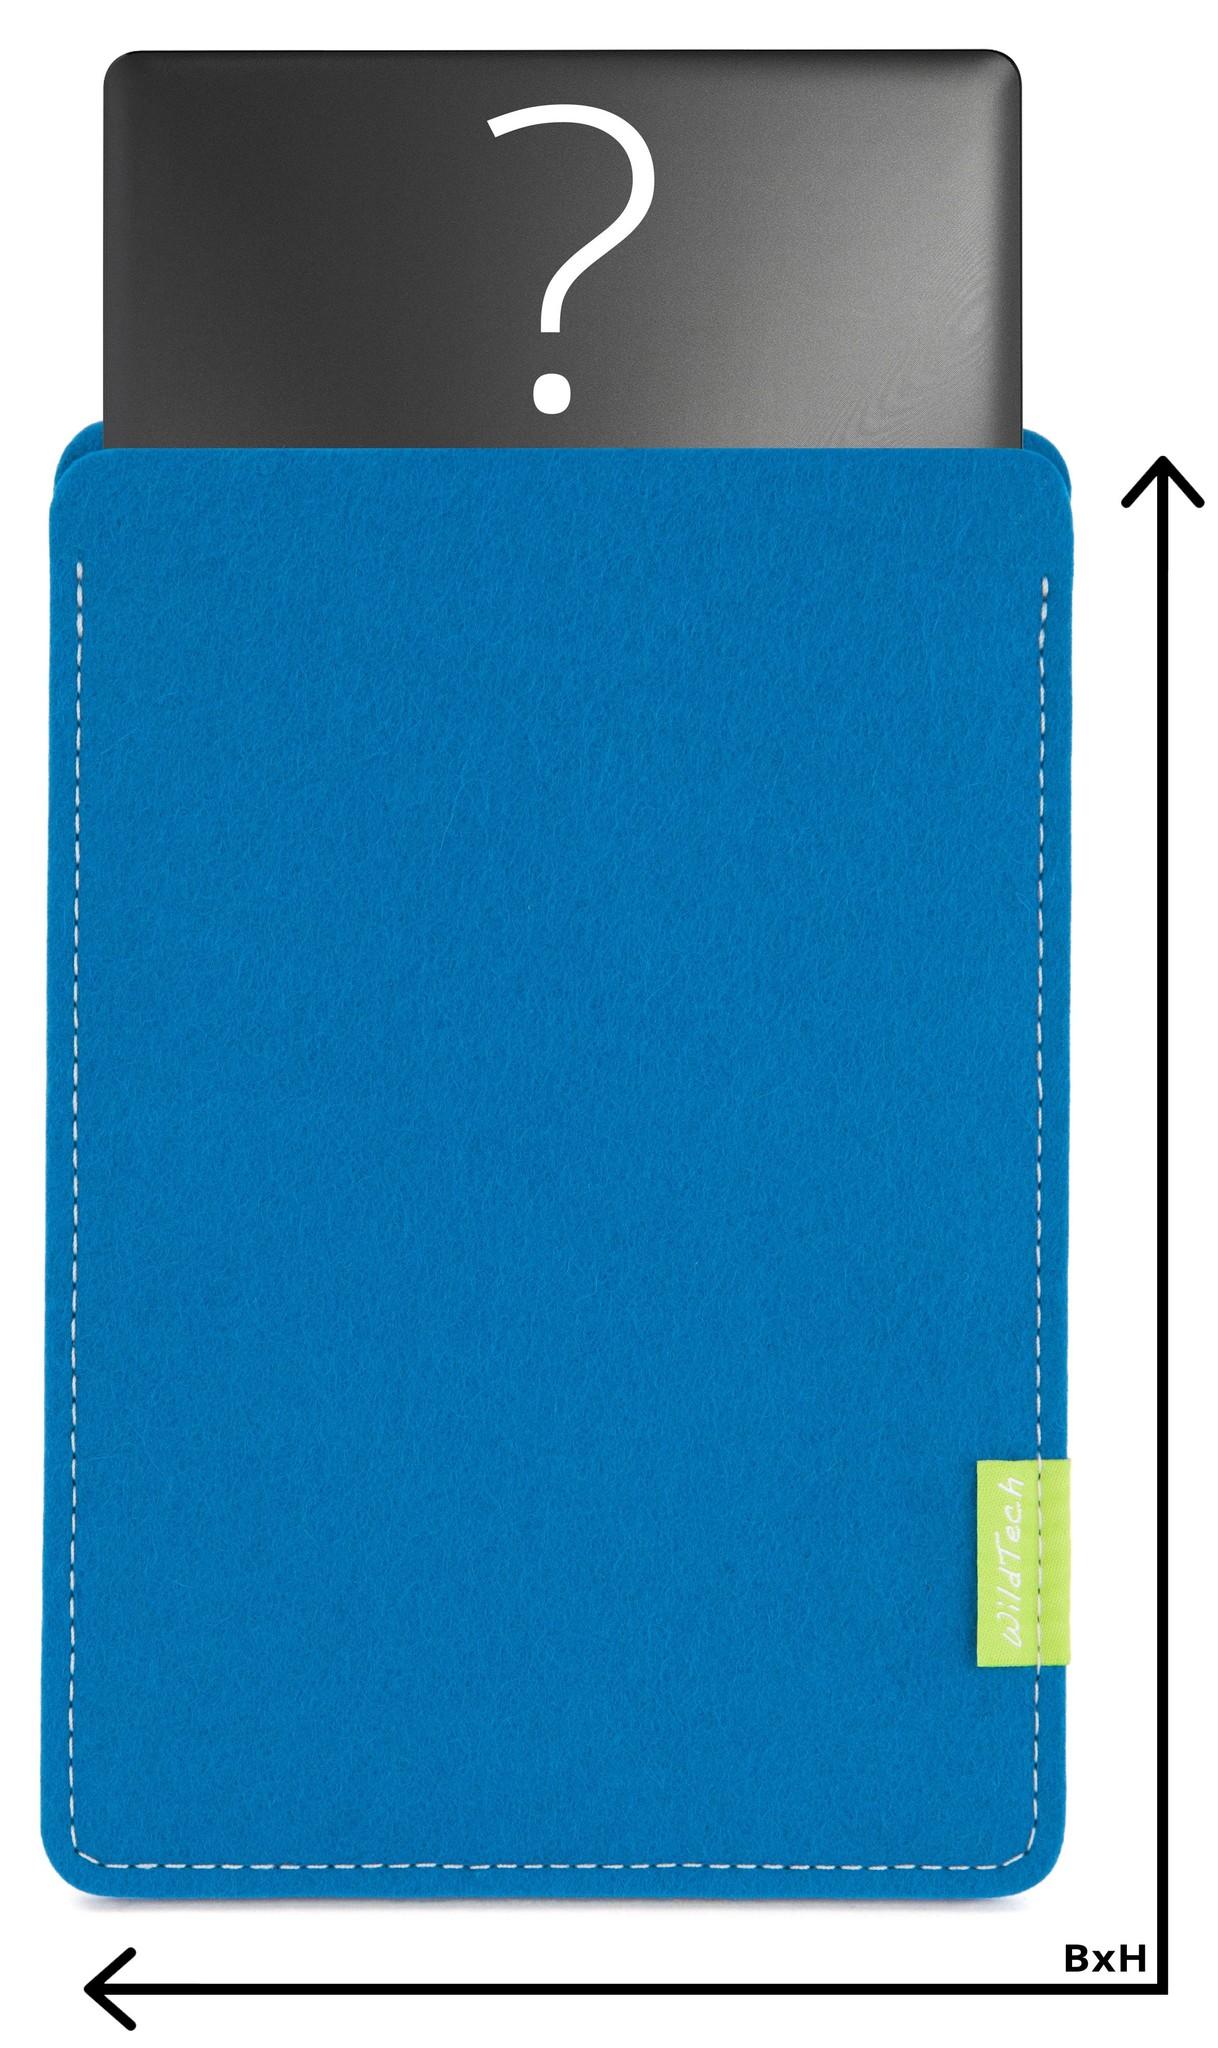 Individuelles Notebook Sleeve Petrol-1